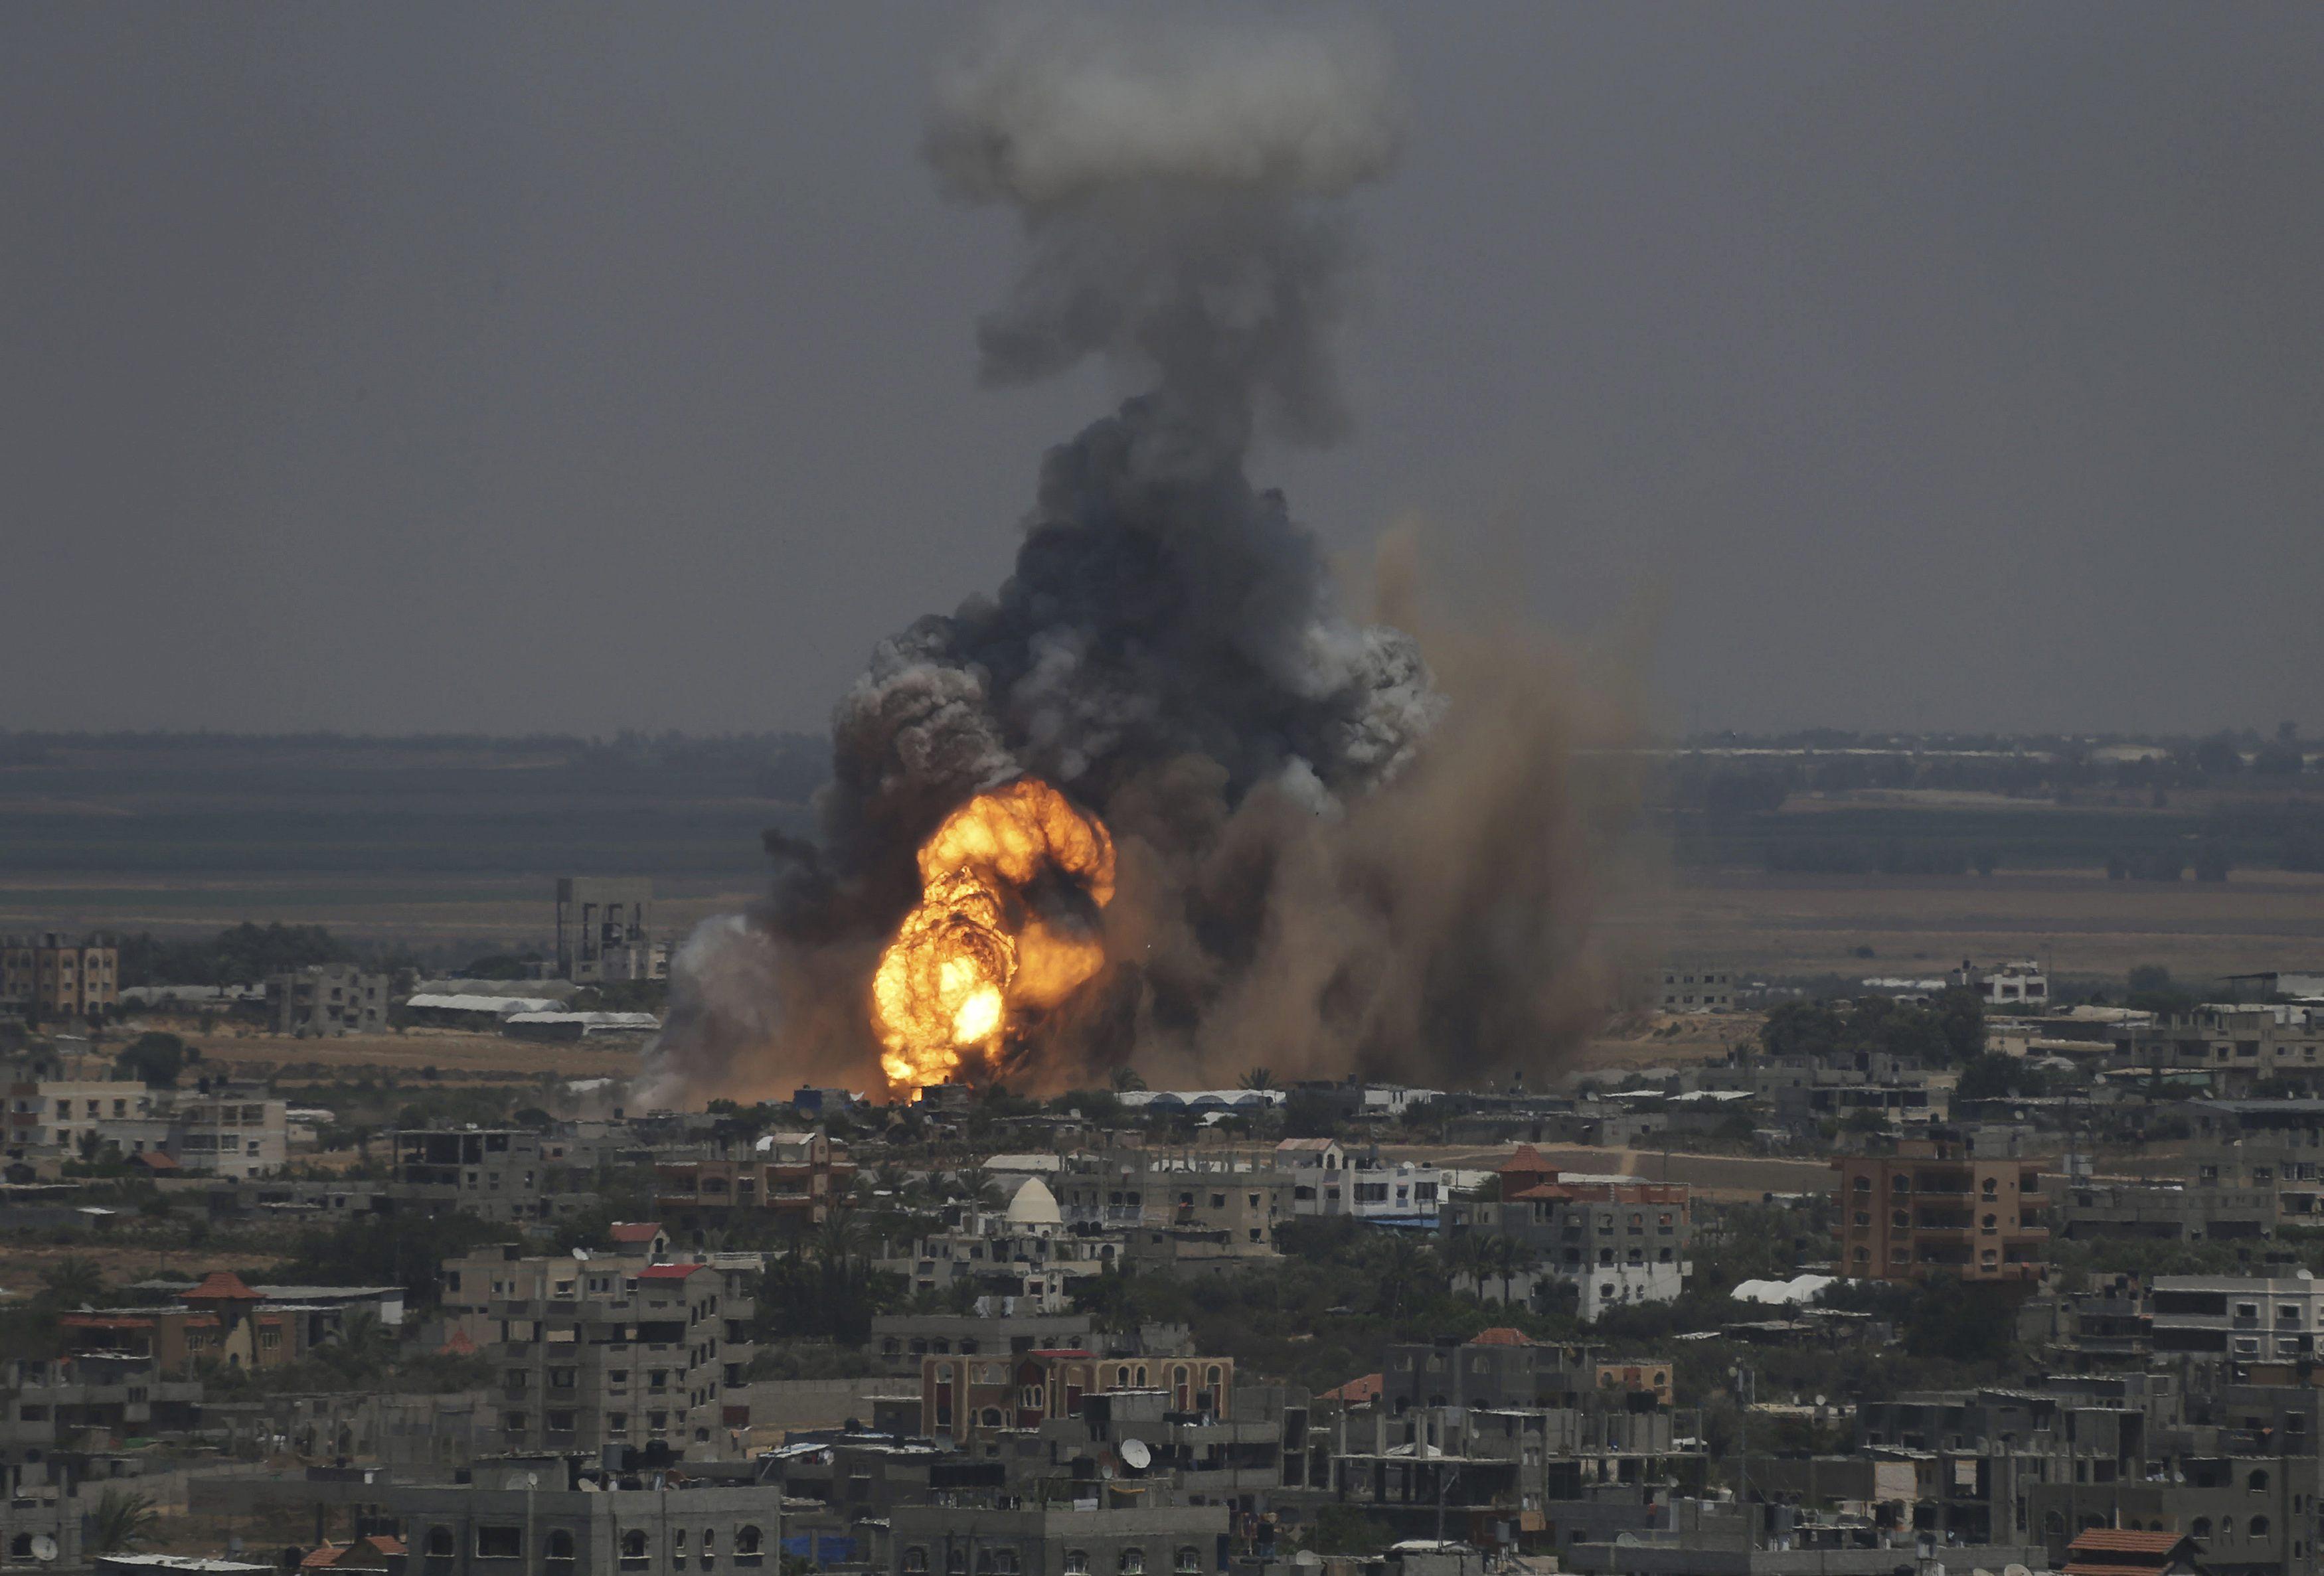 صورة ارشيفية لغارات للاحتلال على قطاعغزة